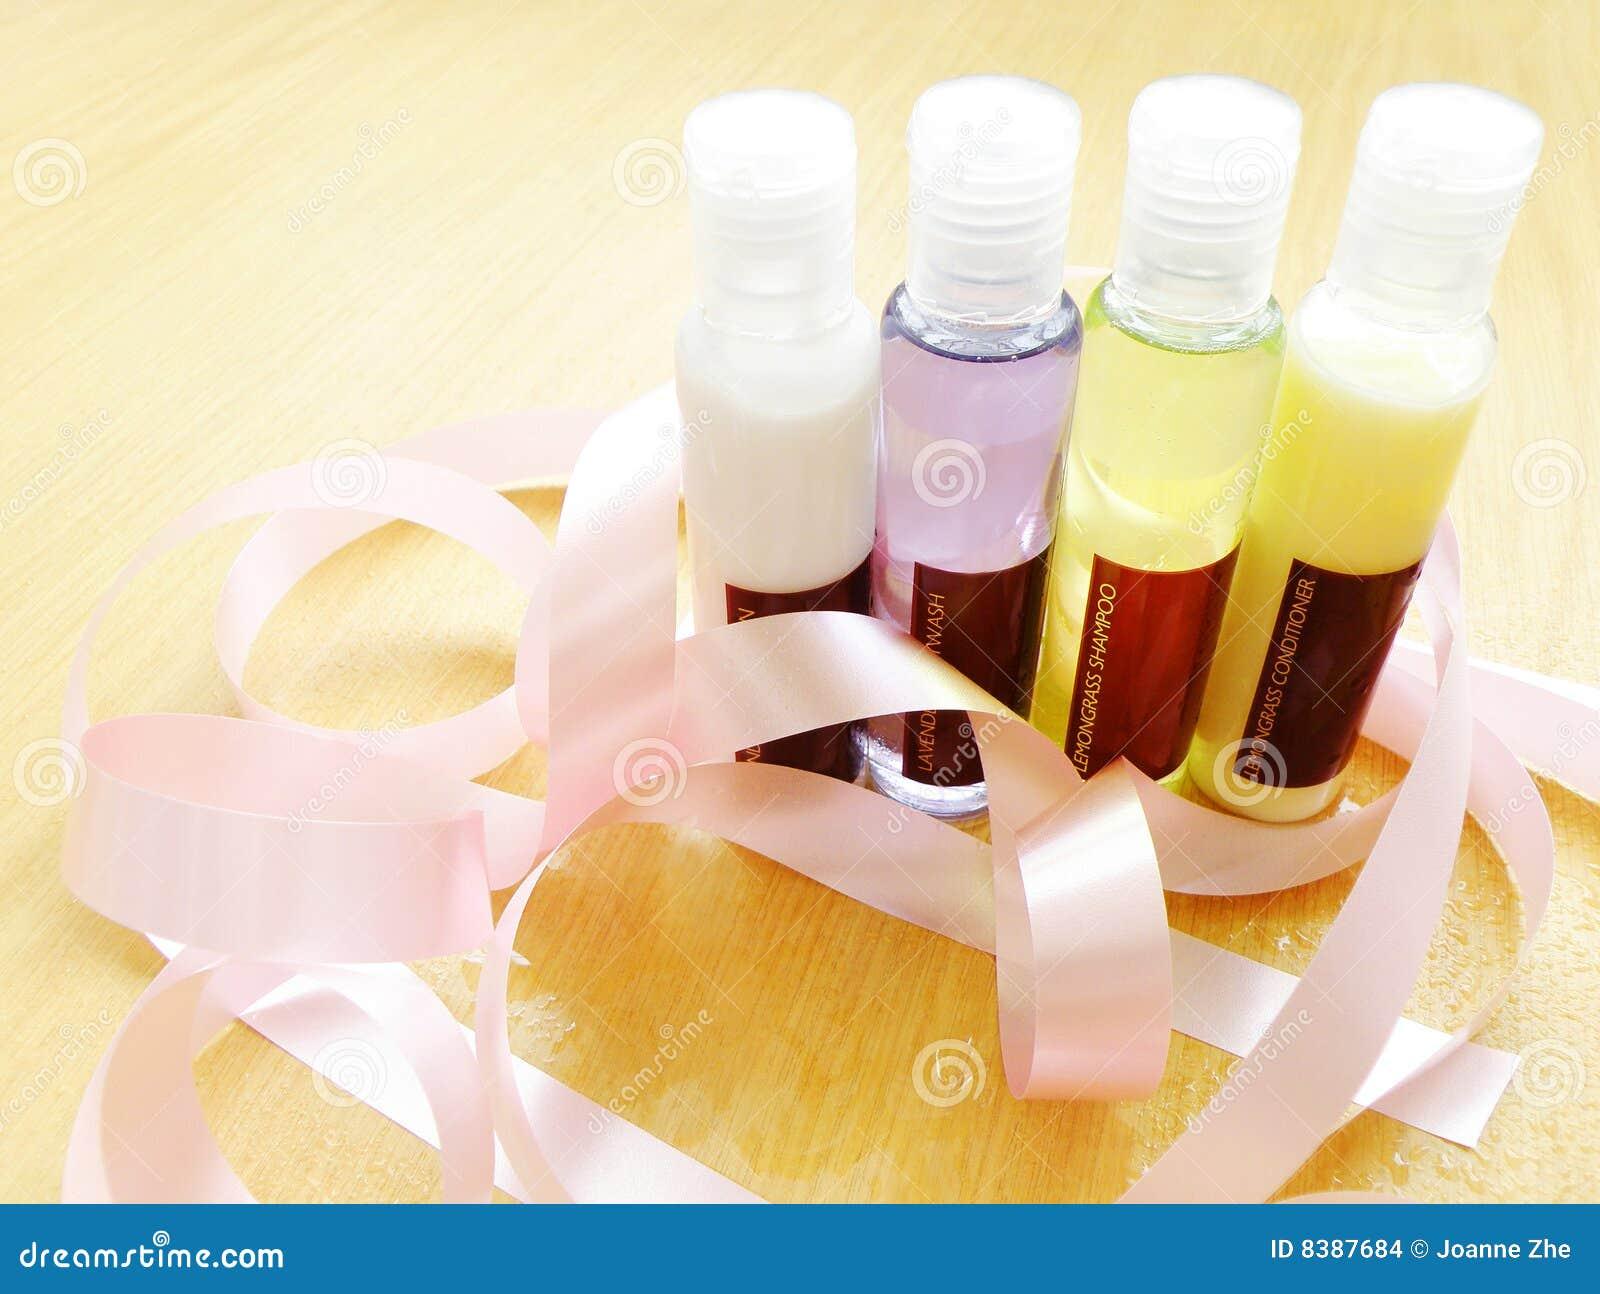 Badet bottles produkttoalettartikeln